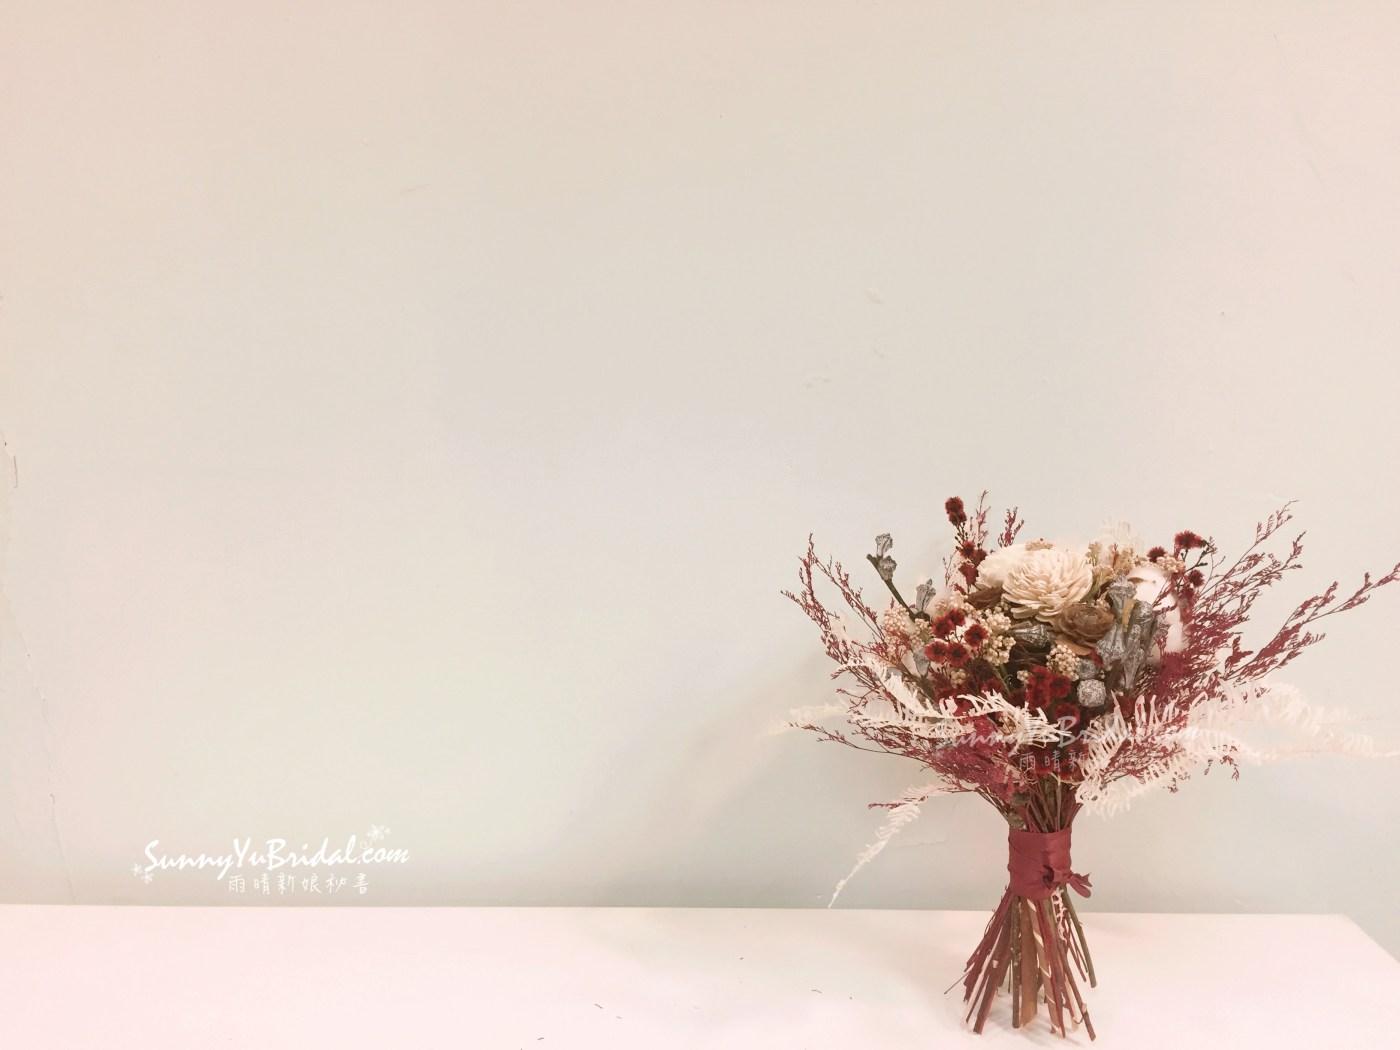 花の畫像について: ラブリー乾燥花桌布